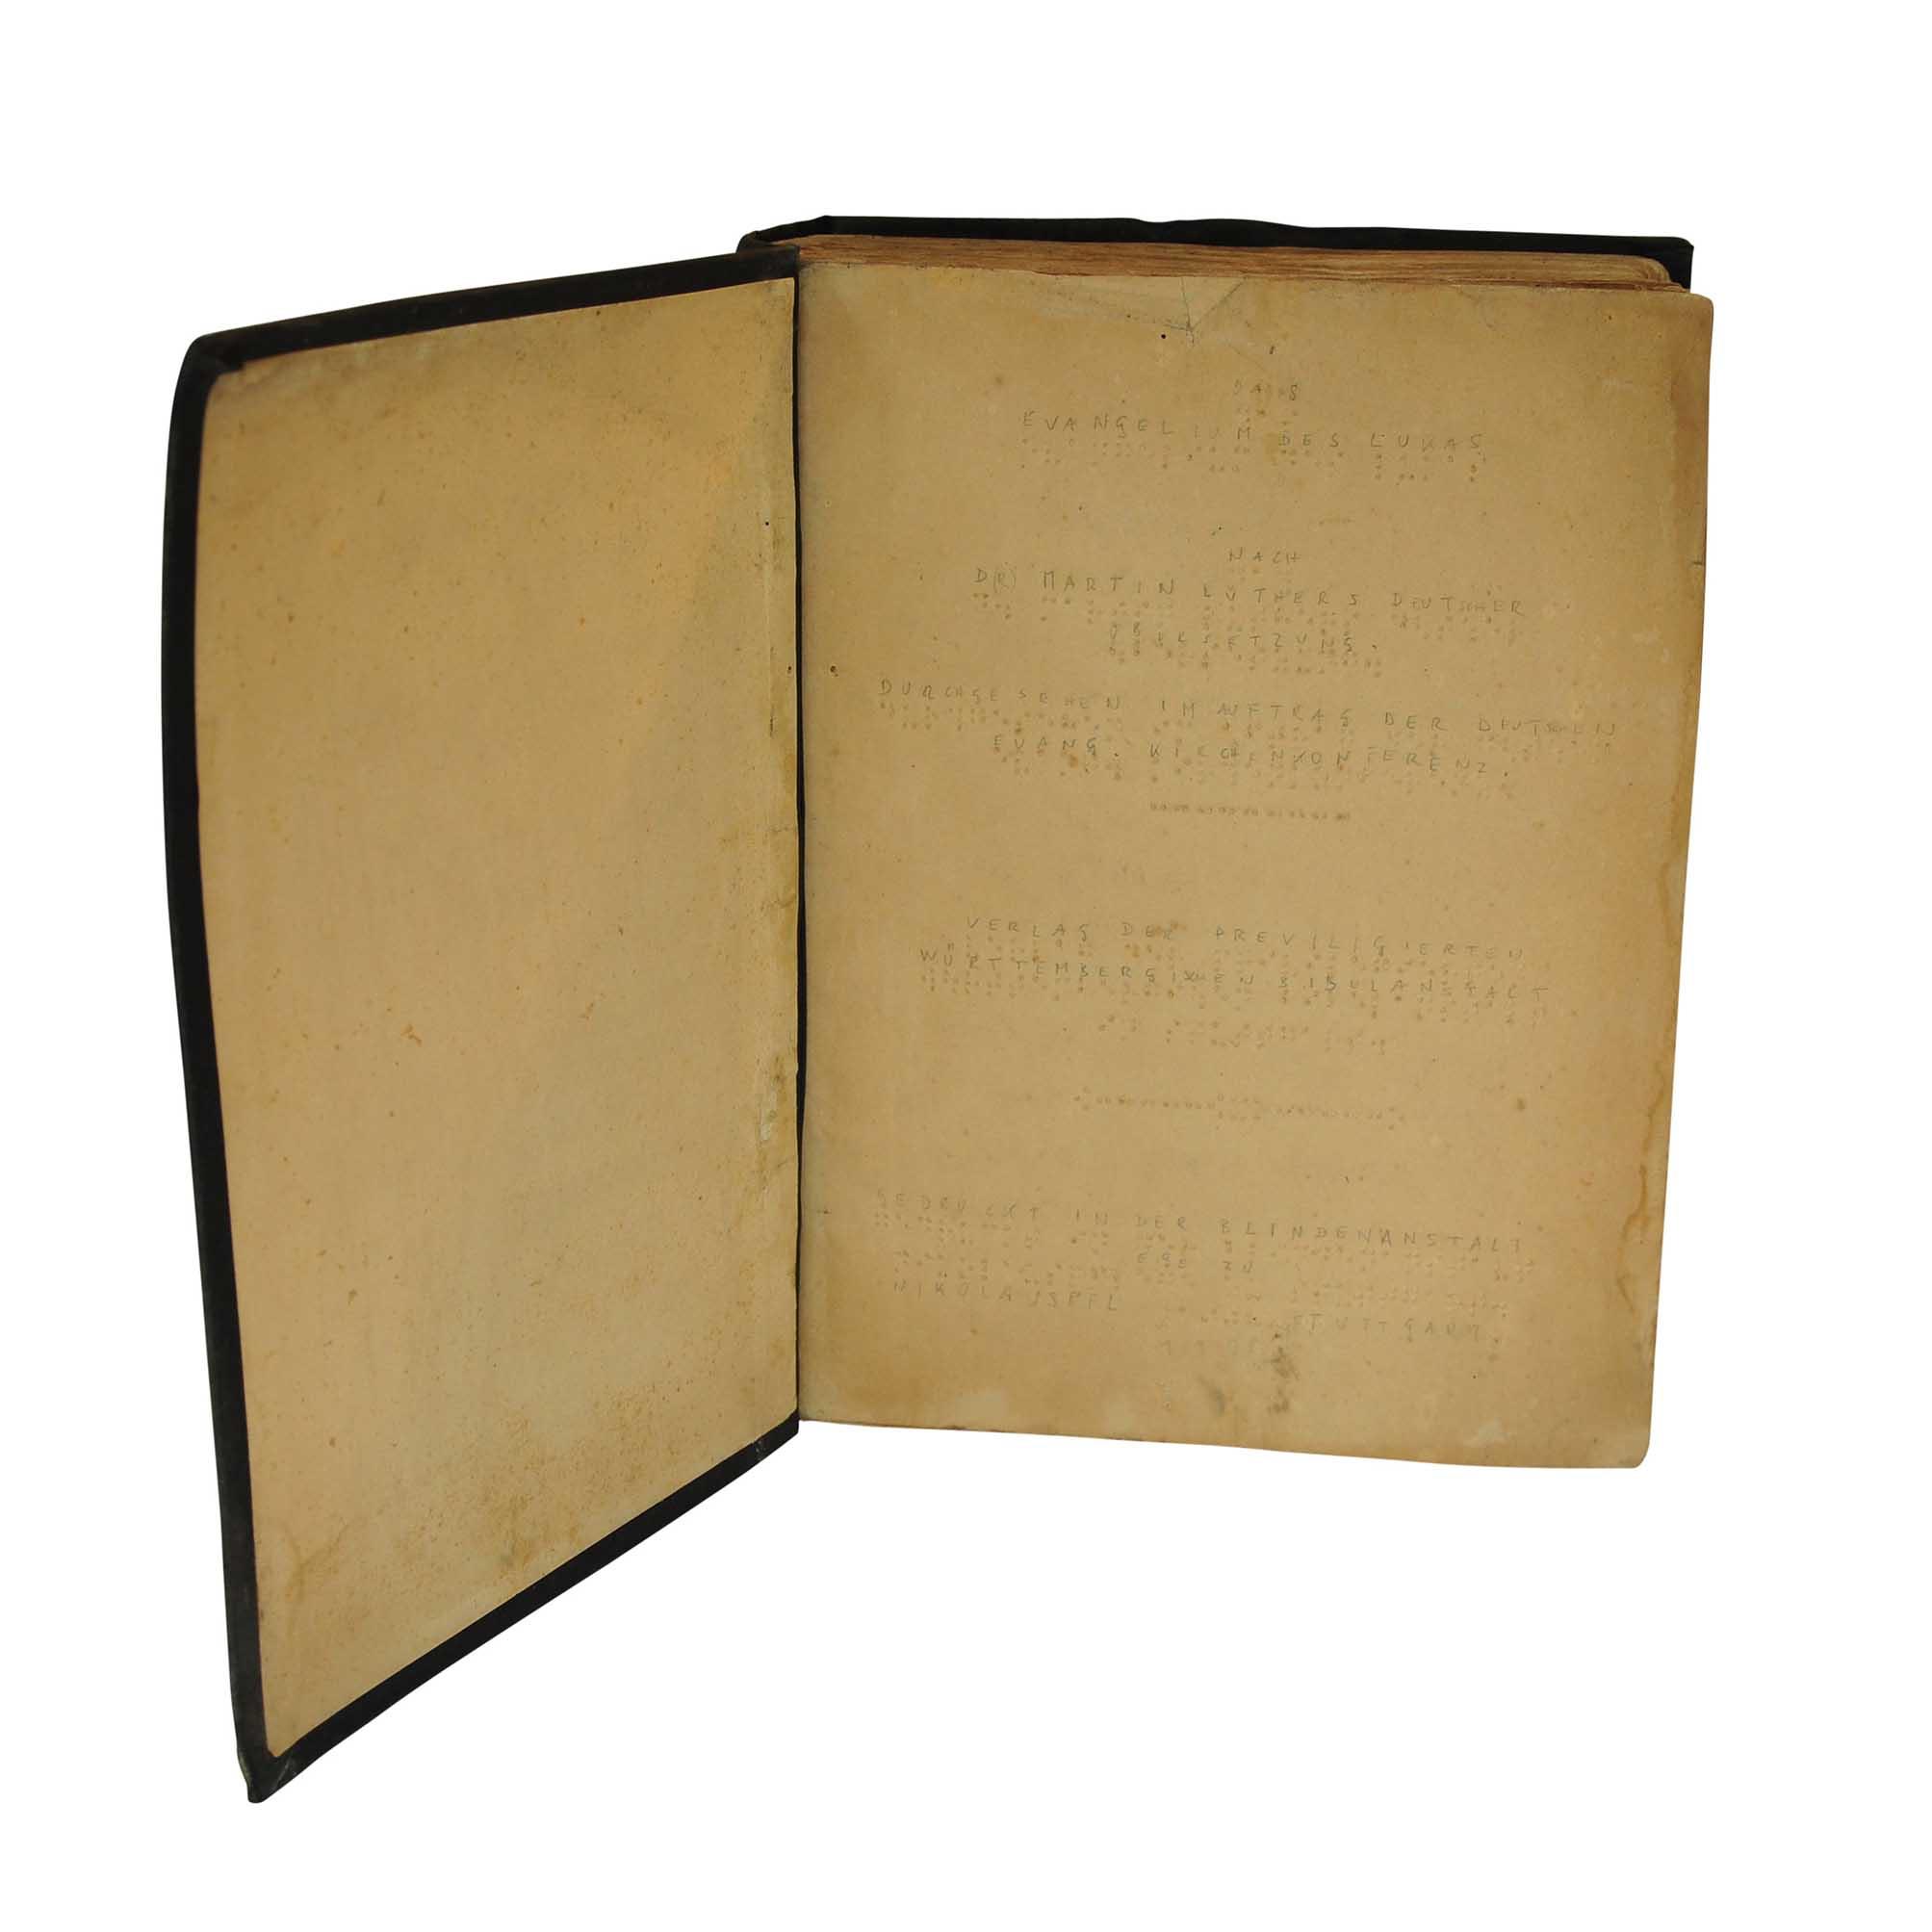 5585-Evangelium-Lukas-Braille-1908-Titel-frei-N.jpg